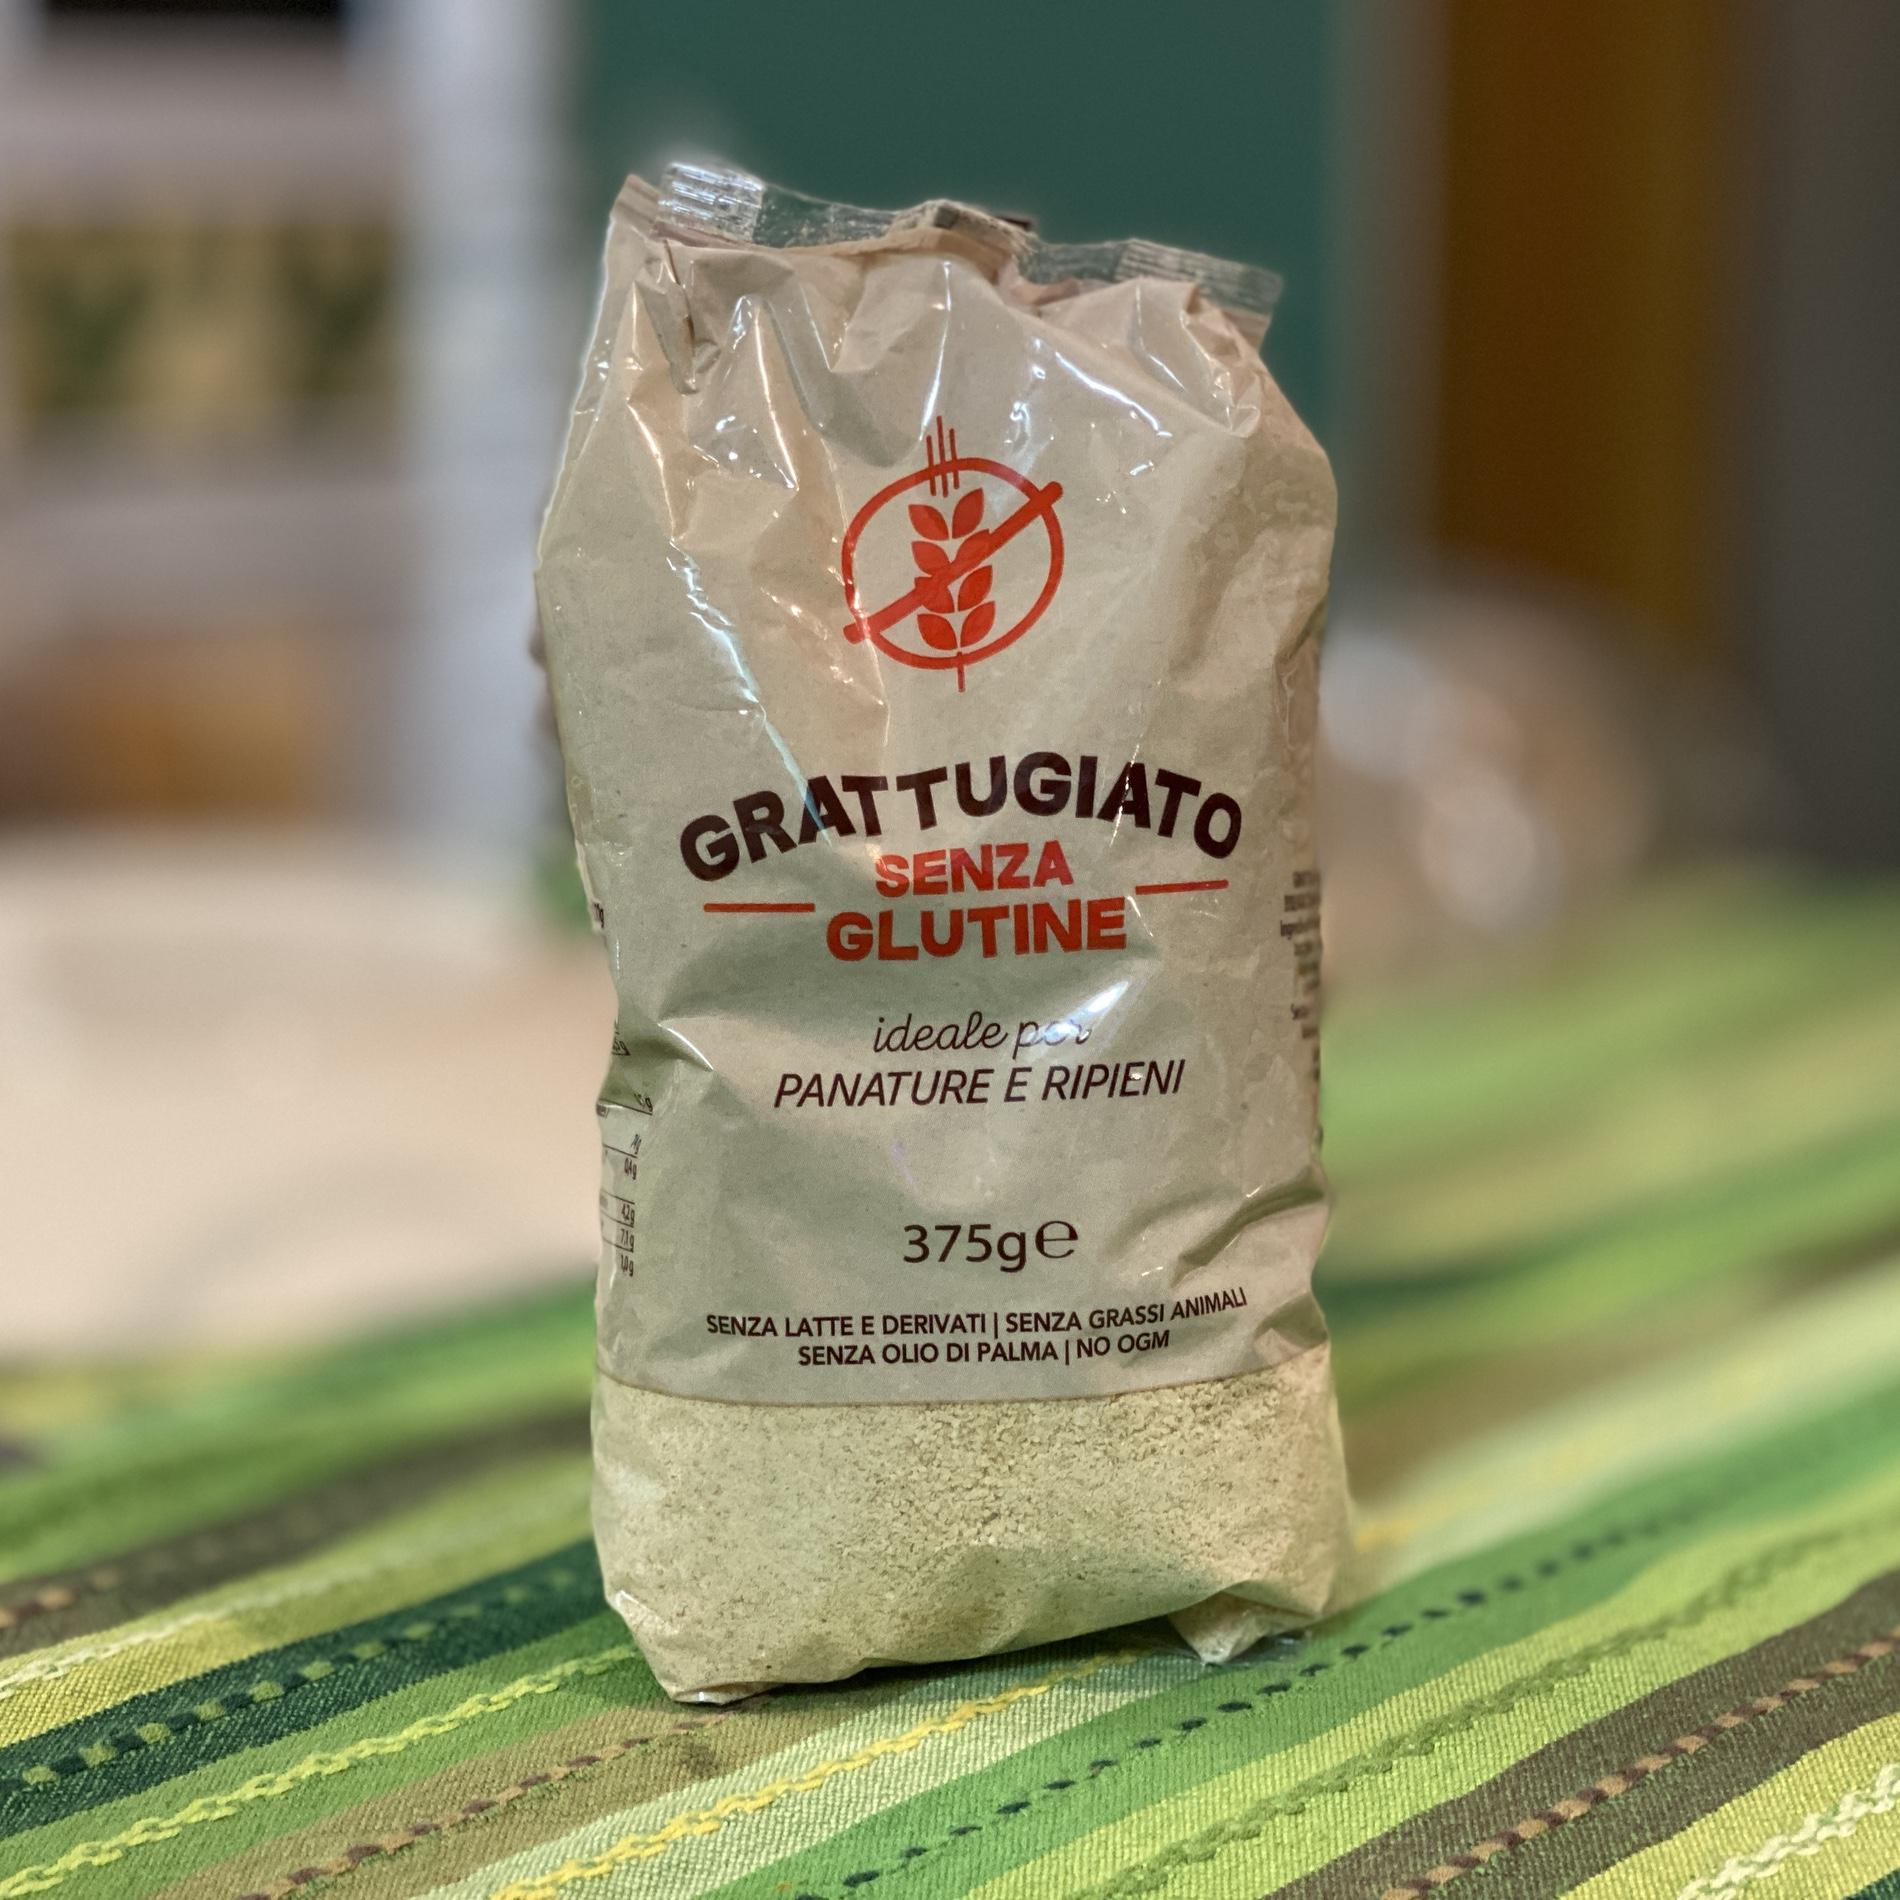 Sacchetto di pane grattugiato senza glutine